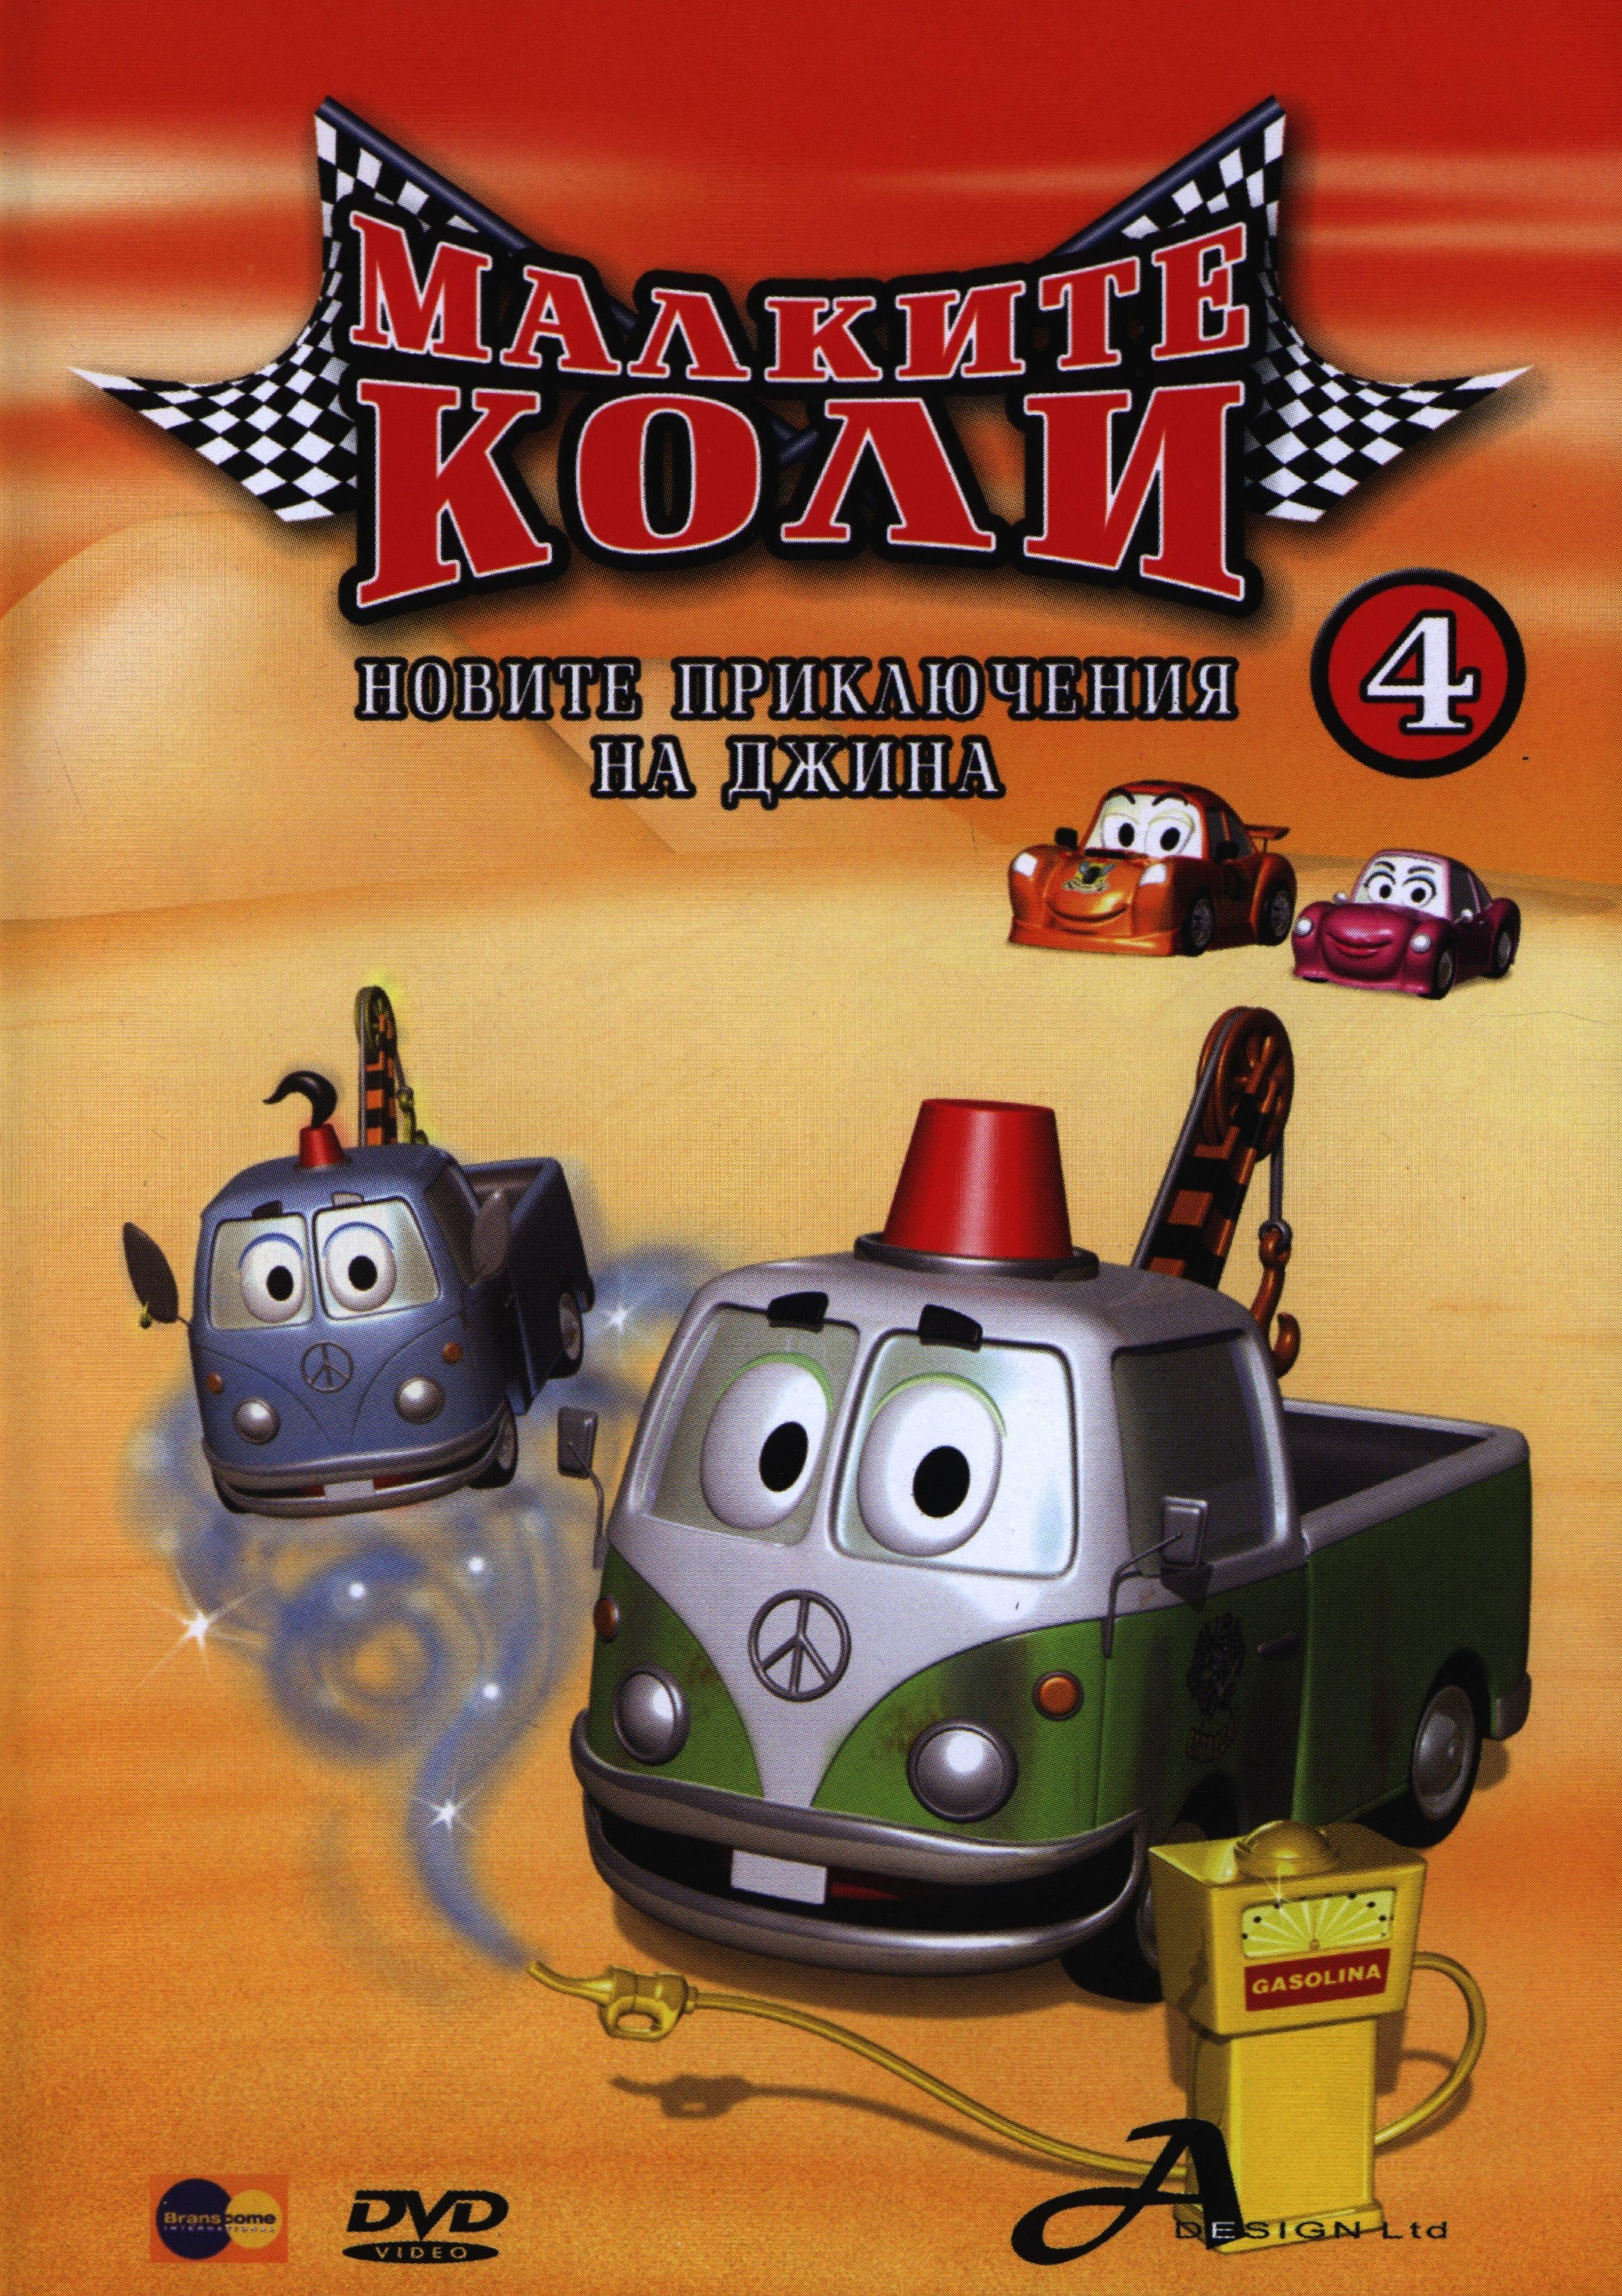 Малките коли 4 (DVD) - 1